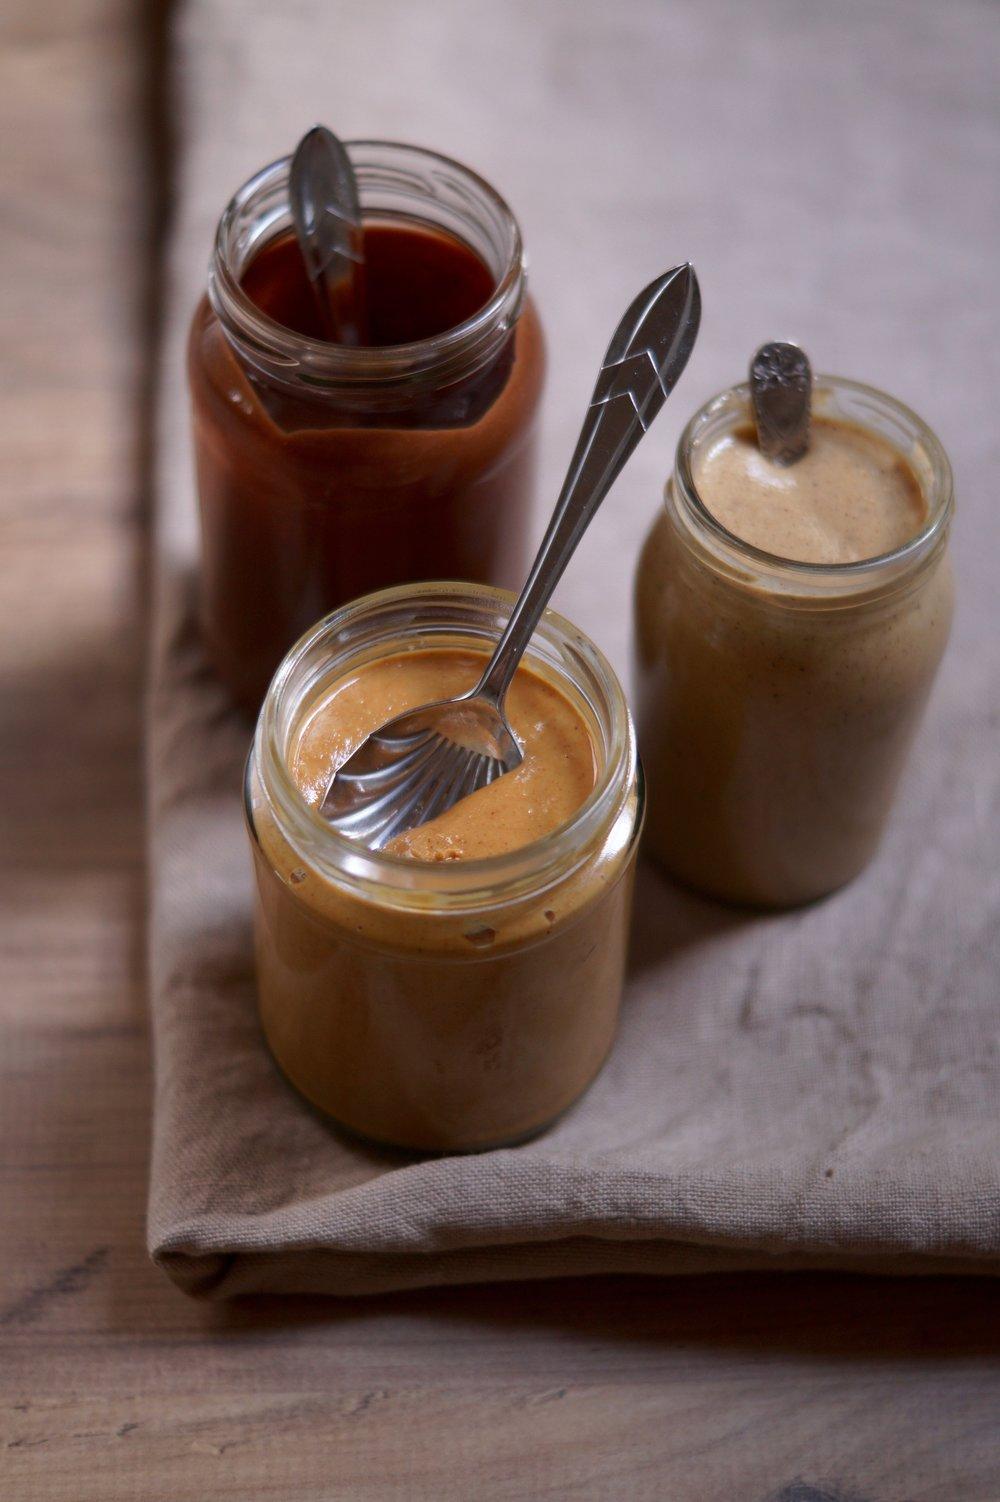 peanut, chocolate hazelnut & brazilnut.jpg